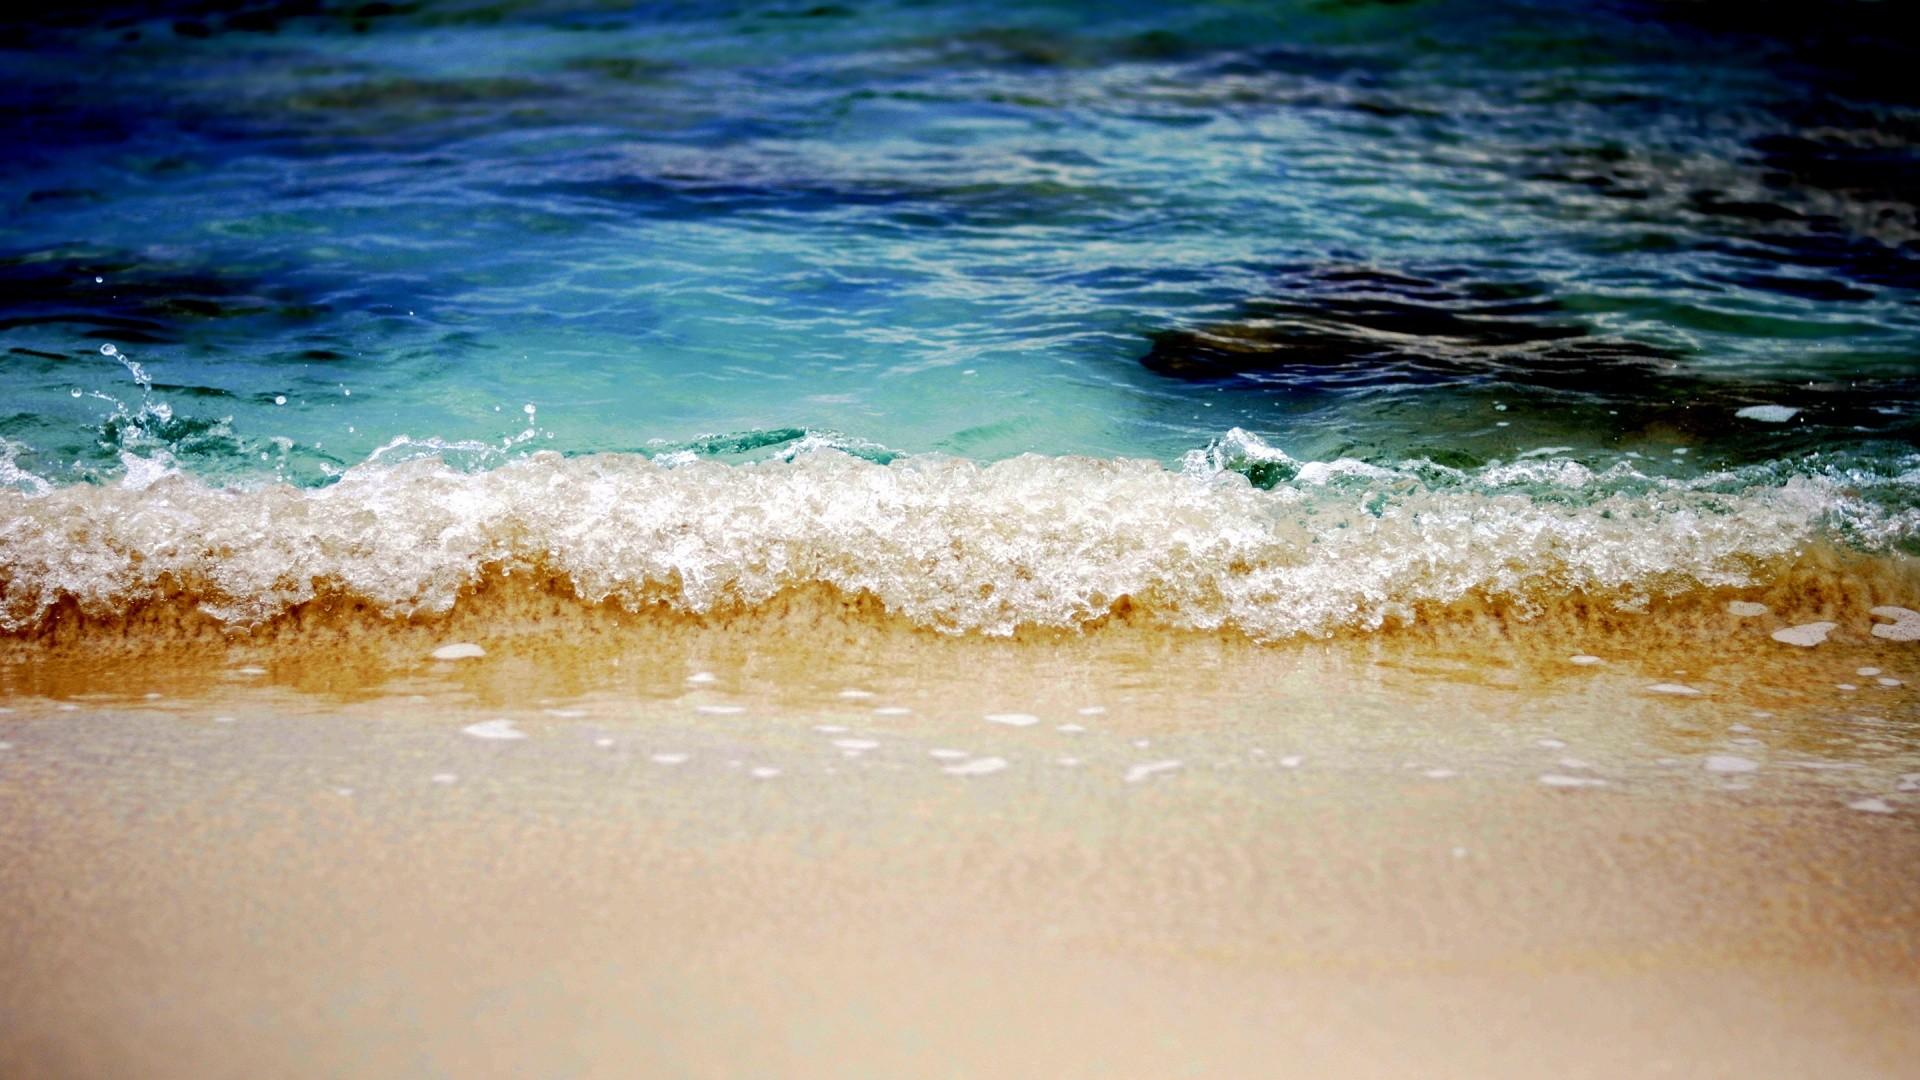 Caribbean, Beach, Waves, Widescreen, High, Definition, - Desktop Backgrounds Beach Waves - HD Wallpaper